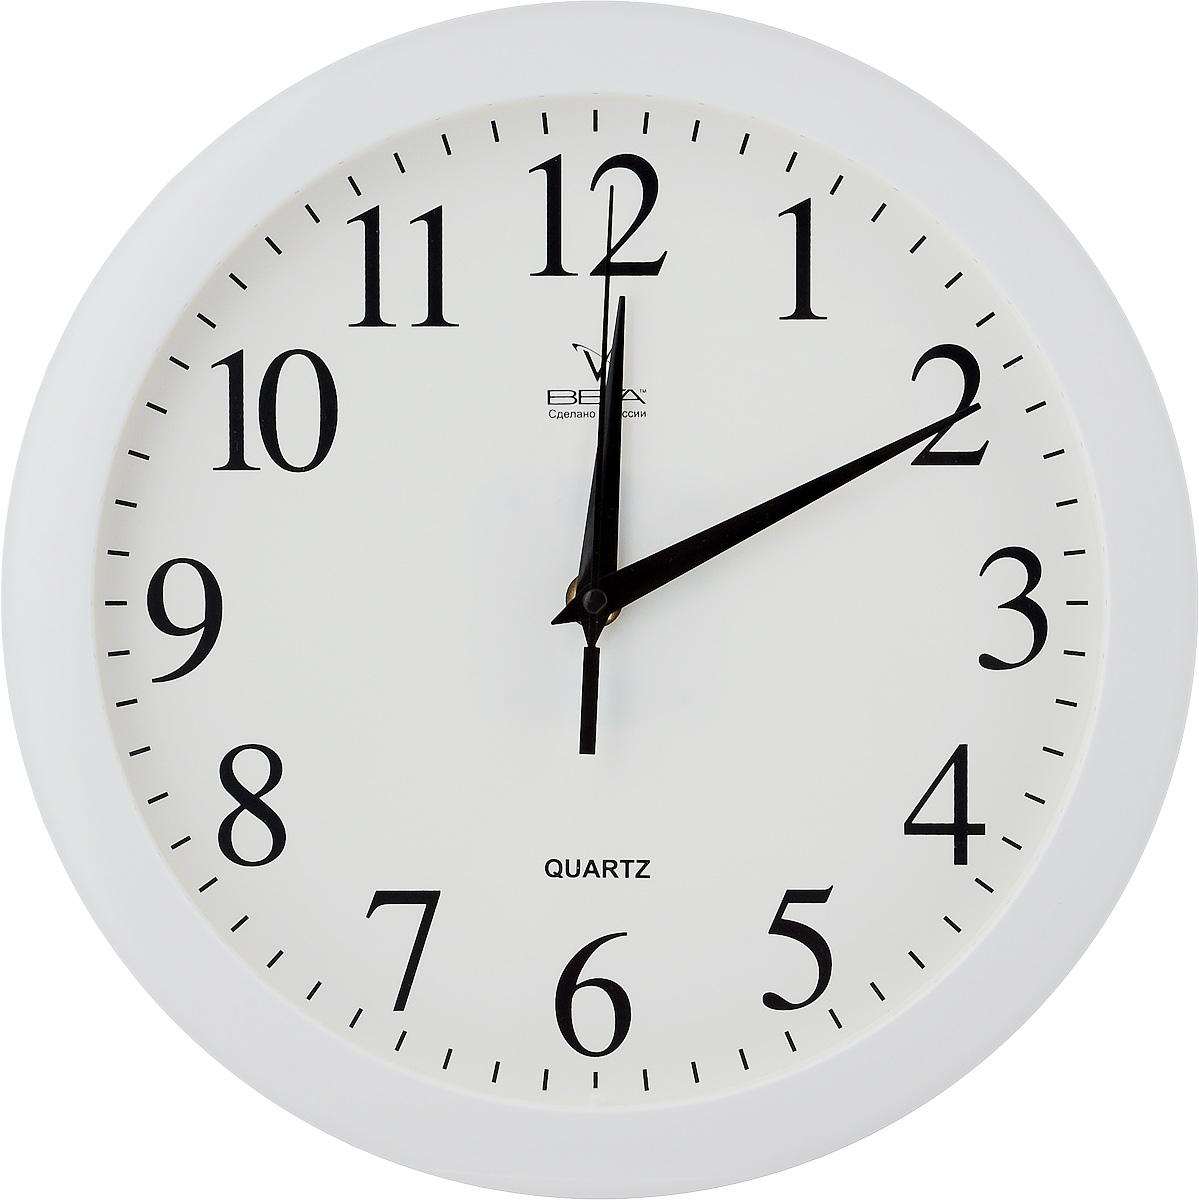 Часы настенные Вега Классика, цвет: белый, диаметр 28,5 см. П1-7 часы настенные вега классика цвет белый